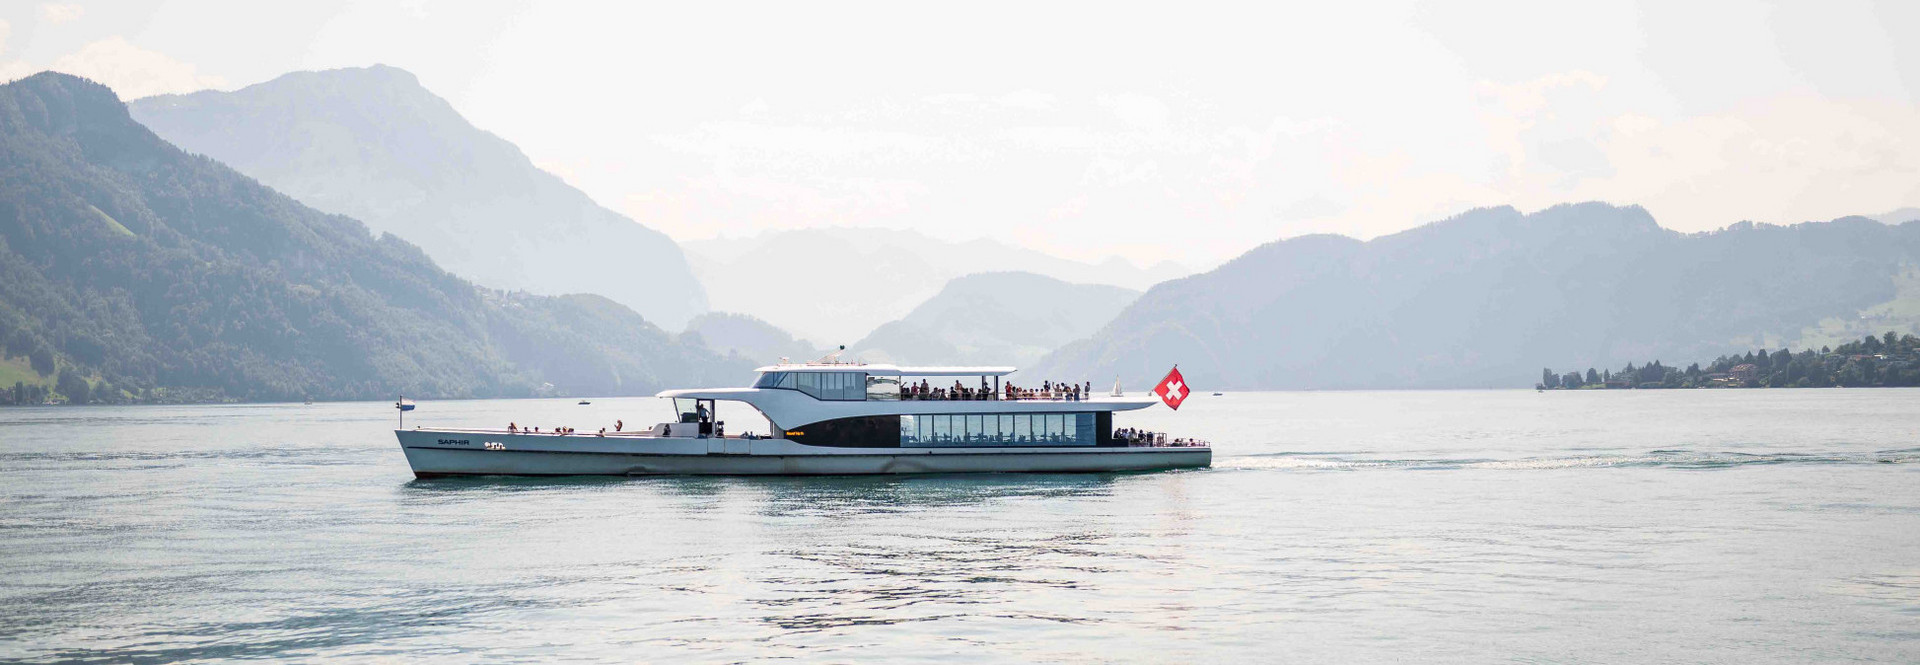 MS Saphir fährt mitten auf dem See und Gäste geniessen die 1-stündige Rundfahrt auf der Panorama-Yacht.